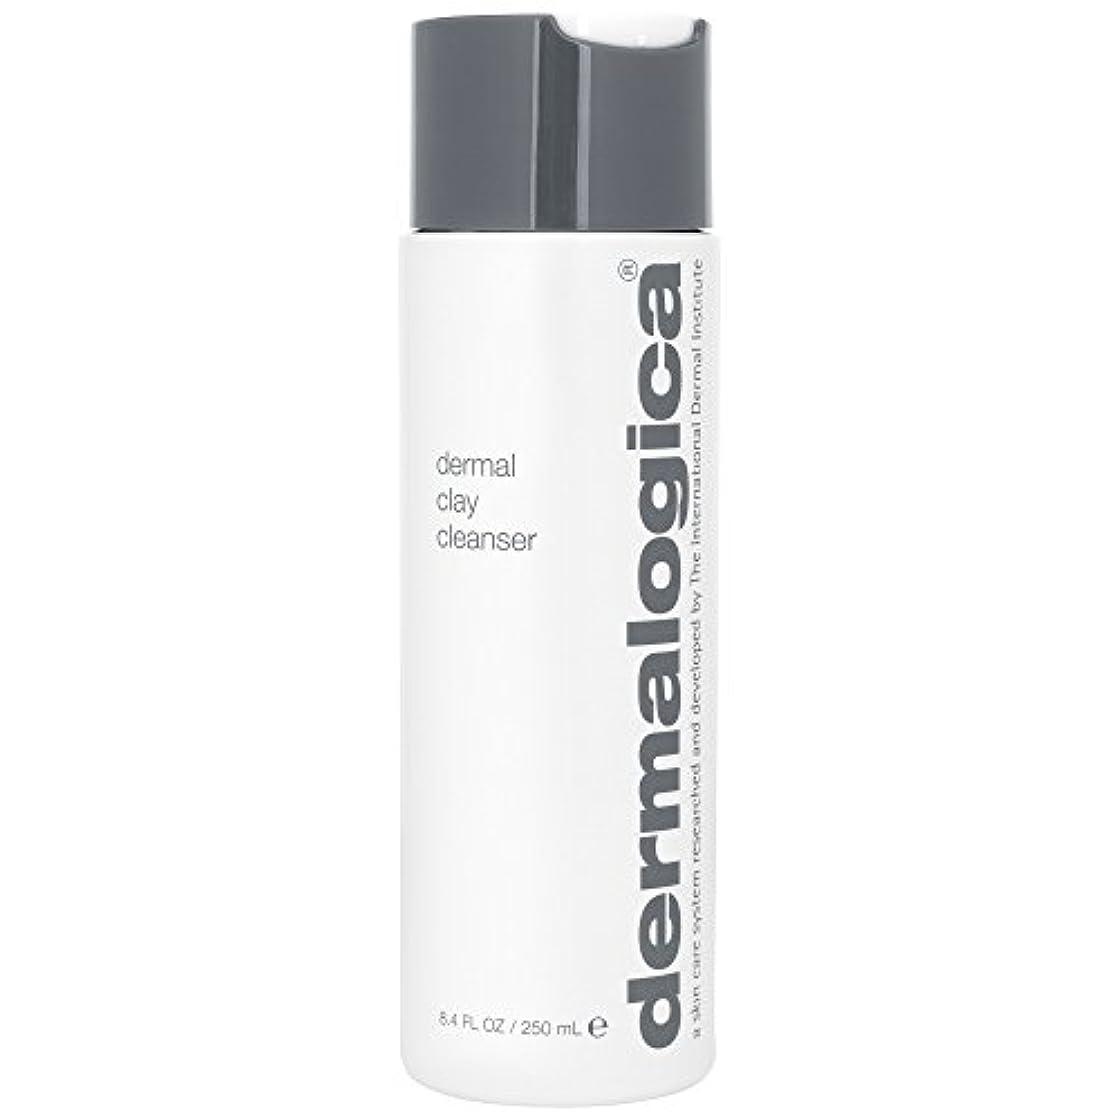 ガイダンス結果として丈夫ダーマロジカ真皮クレイクレンザー250ミリリットル (Dermalogica) (x2) - Dermalogica Dermal Clay Cleanser 250ml (Pack of 2) [並行輸入品]